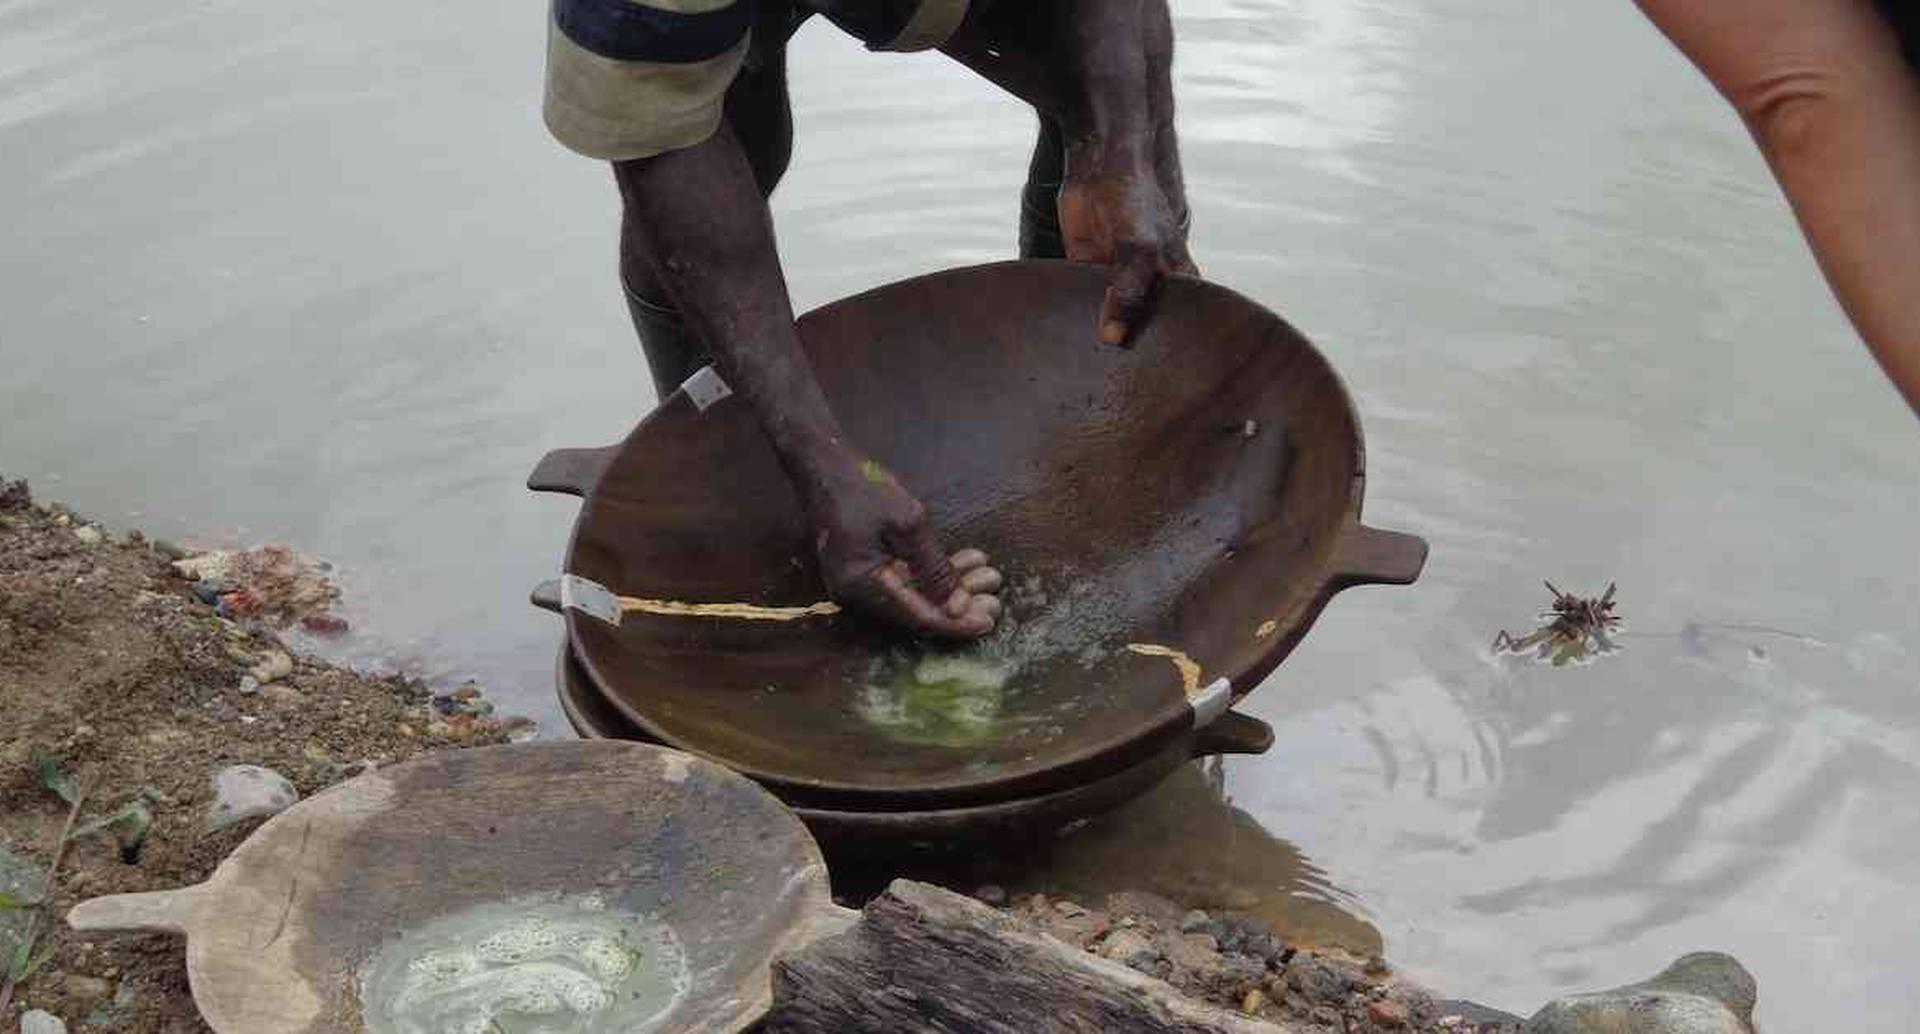 La minería artesanal e ilegal continúa virtiendo mercurio en suelos y fuentes de agua  en búsqueda de oro. Foto: Codechocó